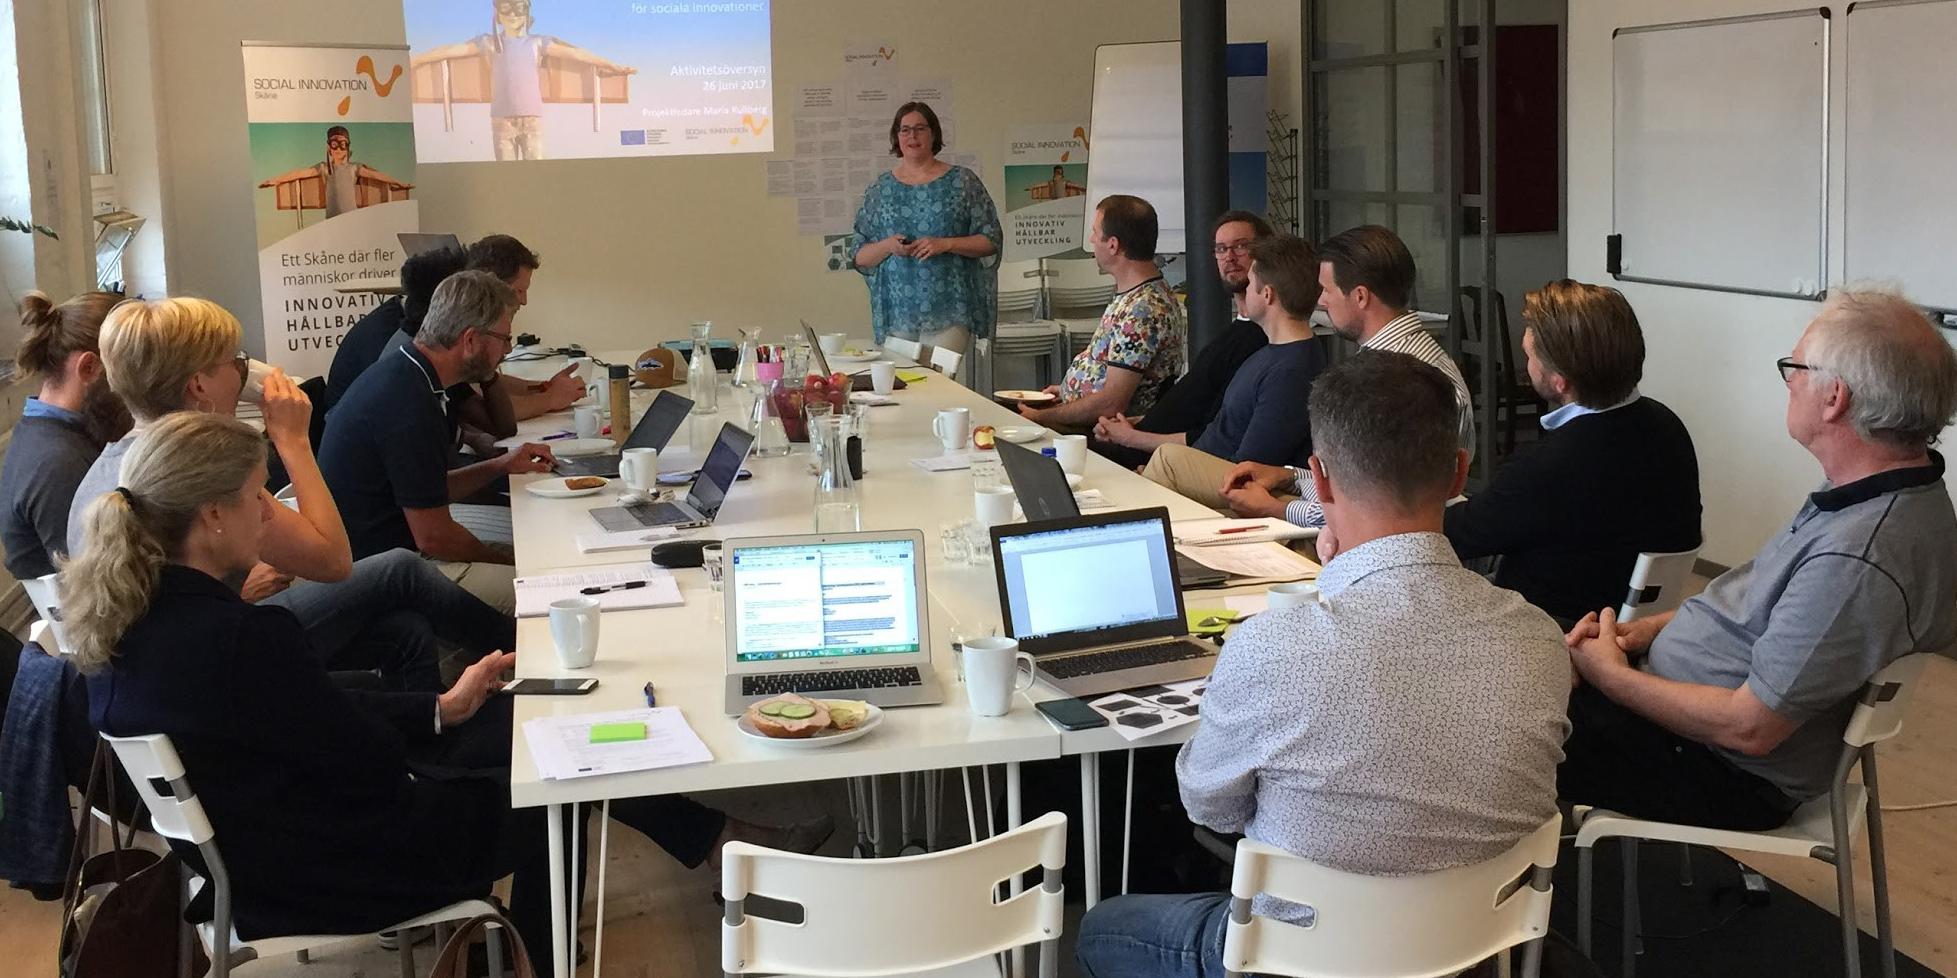 Social Innovation Skåne - aktivitetsöversyn juni 2017. Foto: Rebecka Hinn